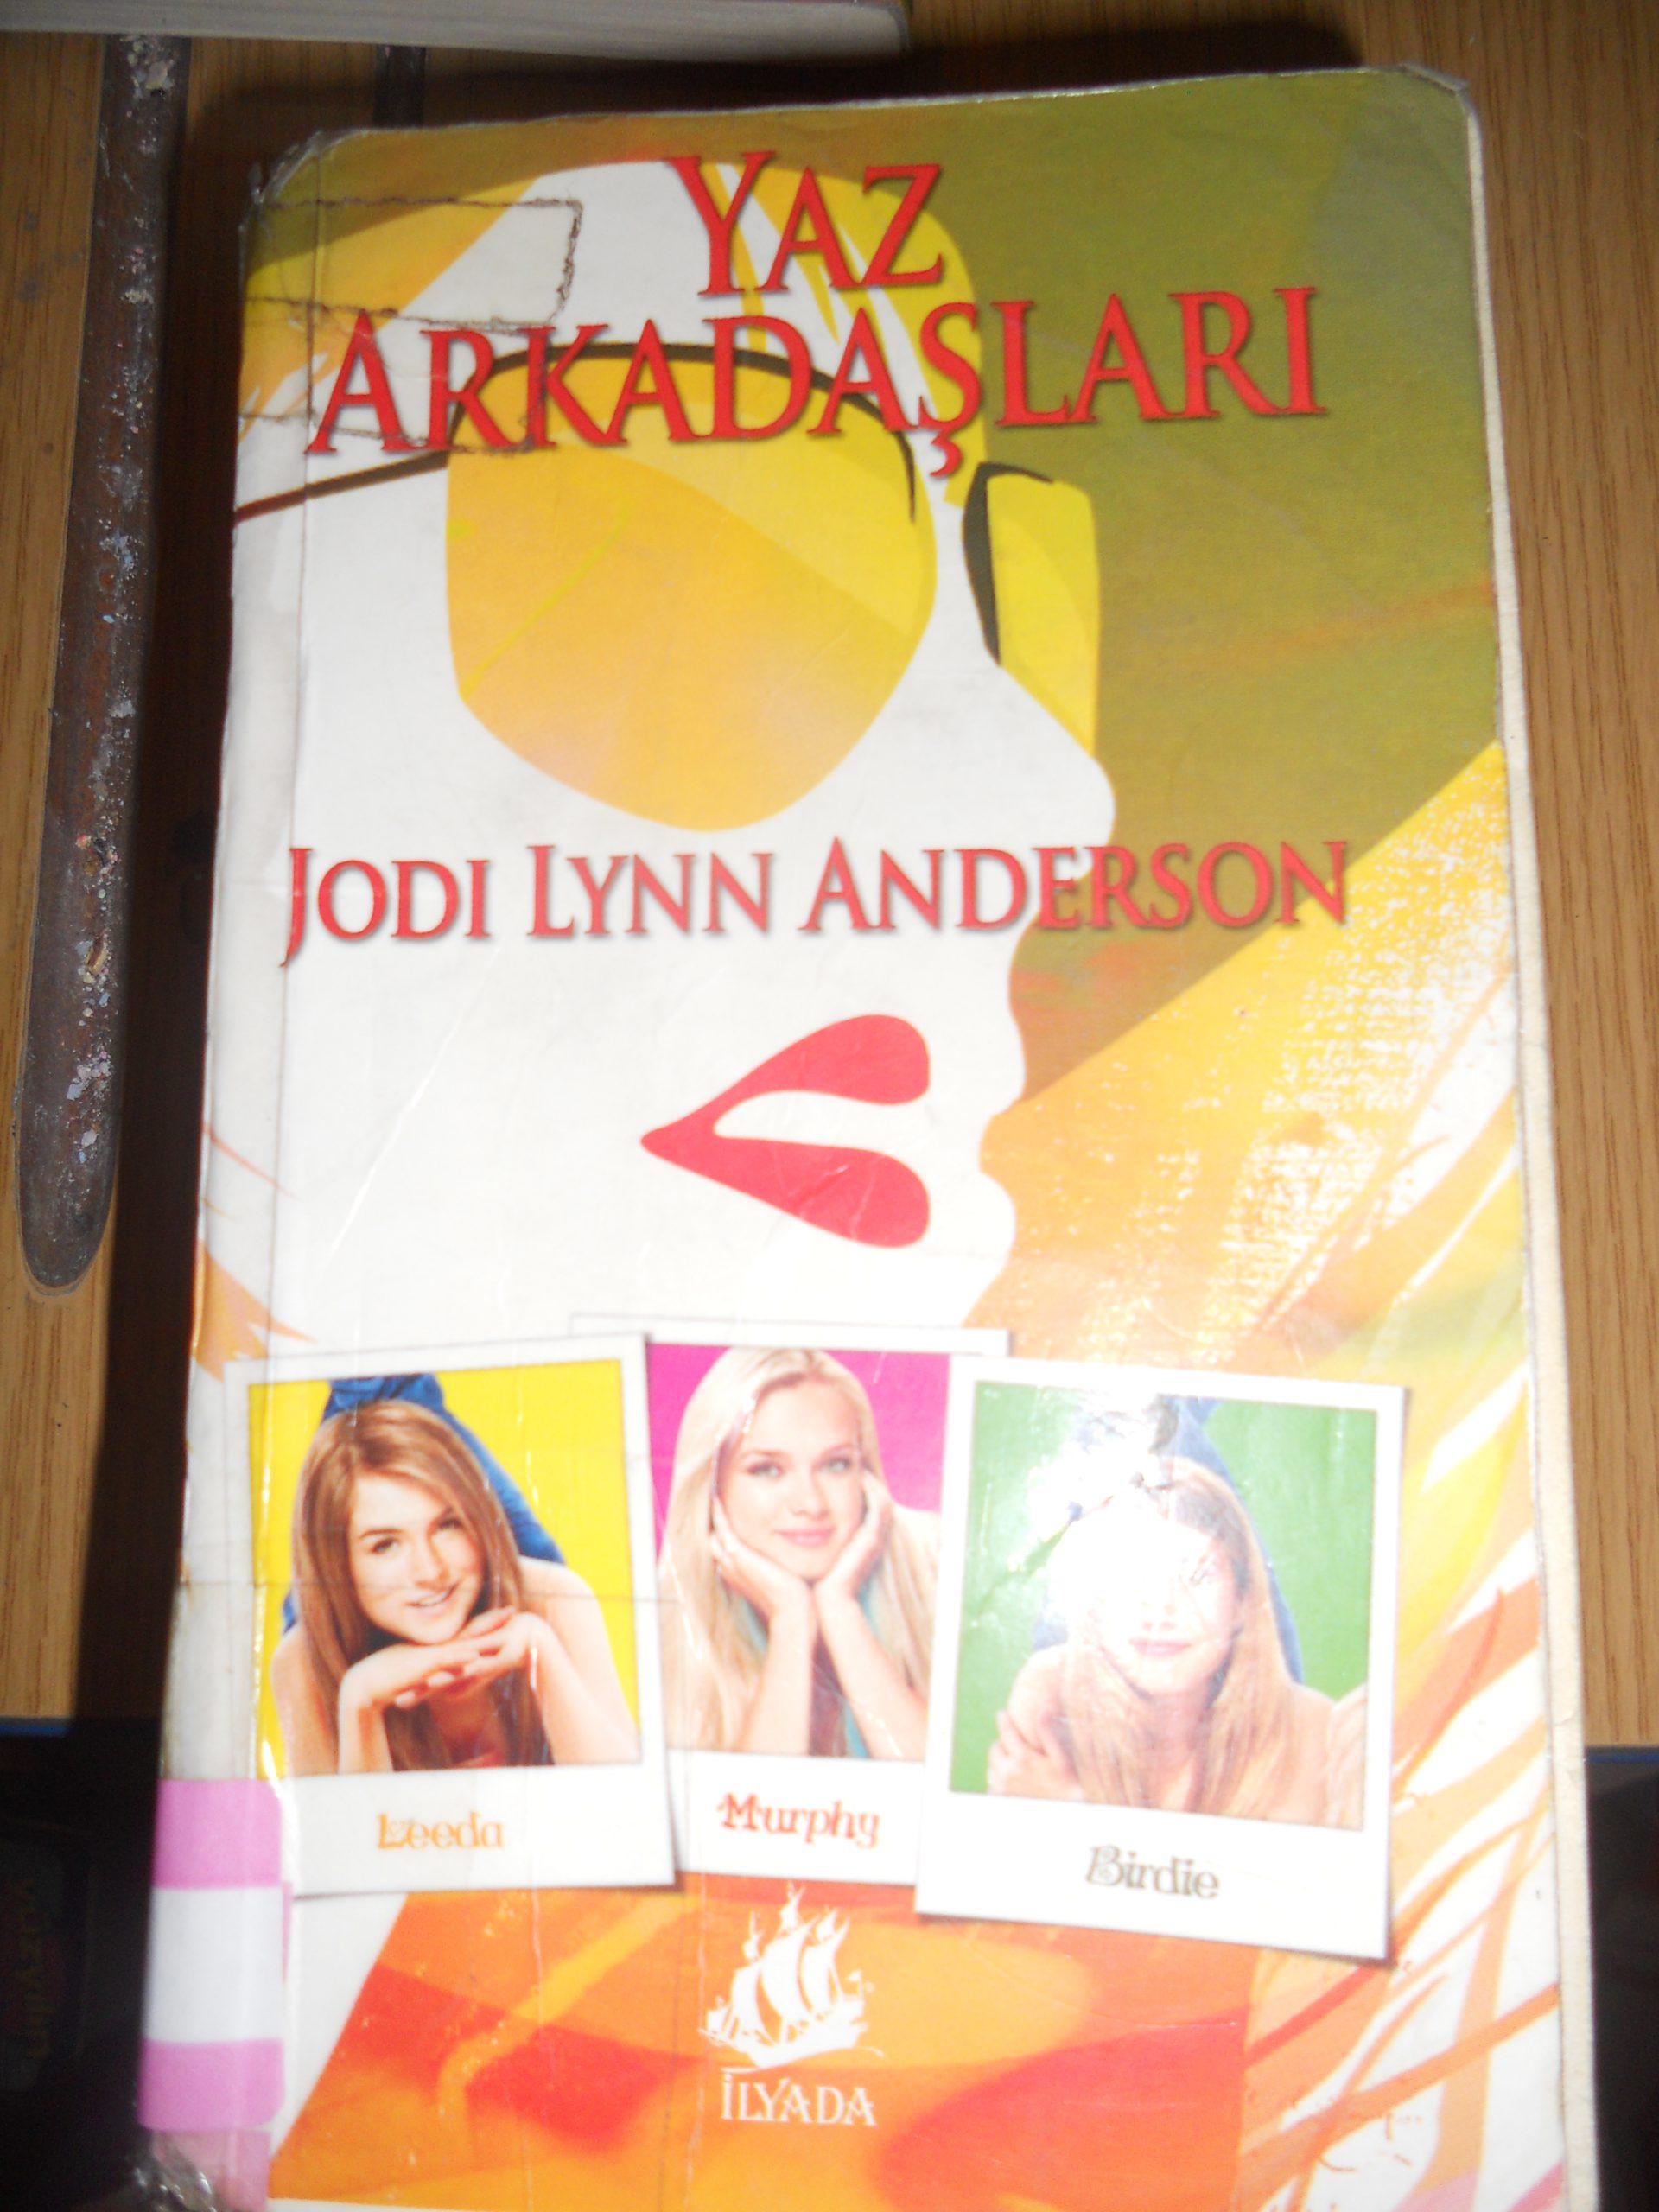 YAZ ARKADAŞLARI /Jody lynn Anderson/ 10 tl